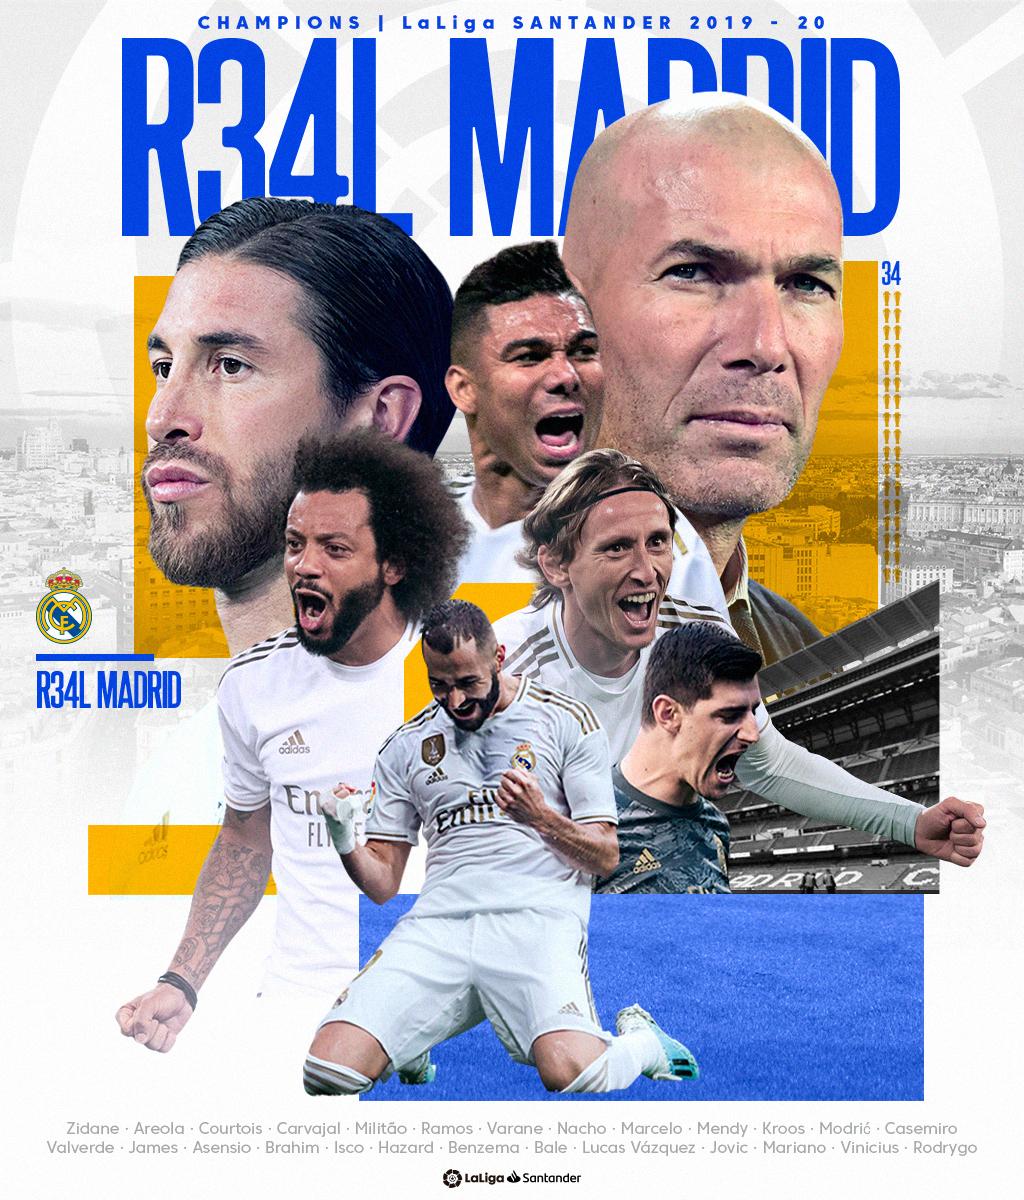 ENG_Real Madrid LaLiga champions 2019-20